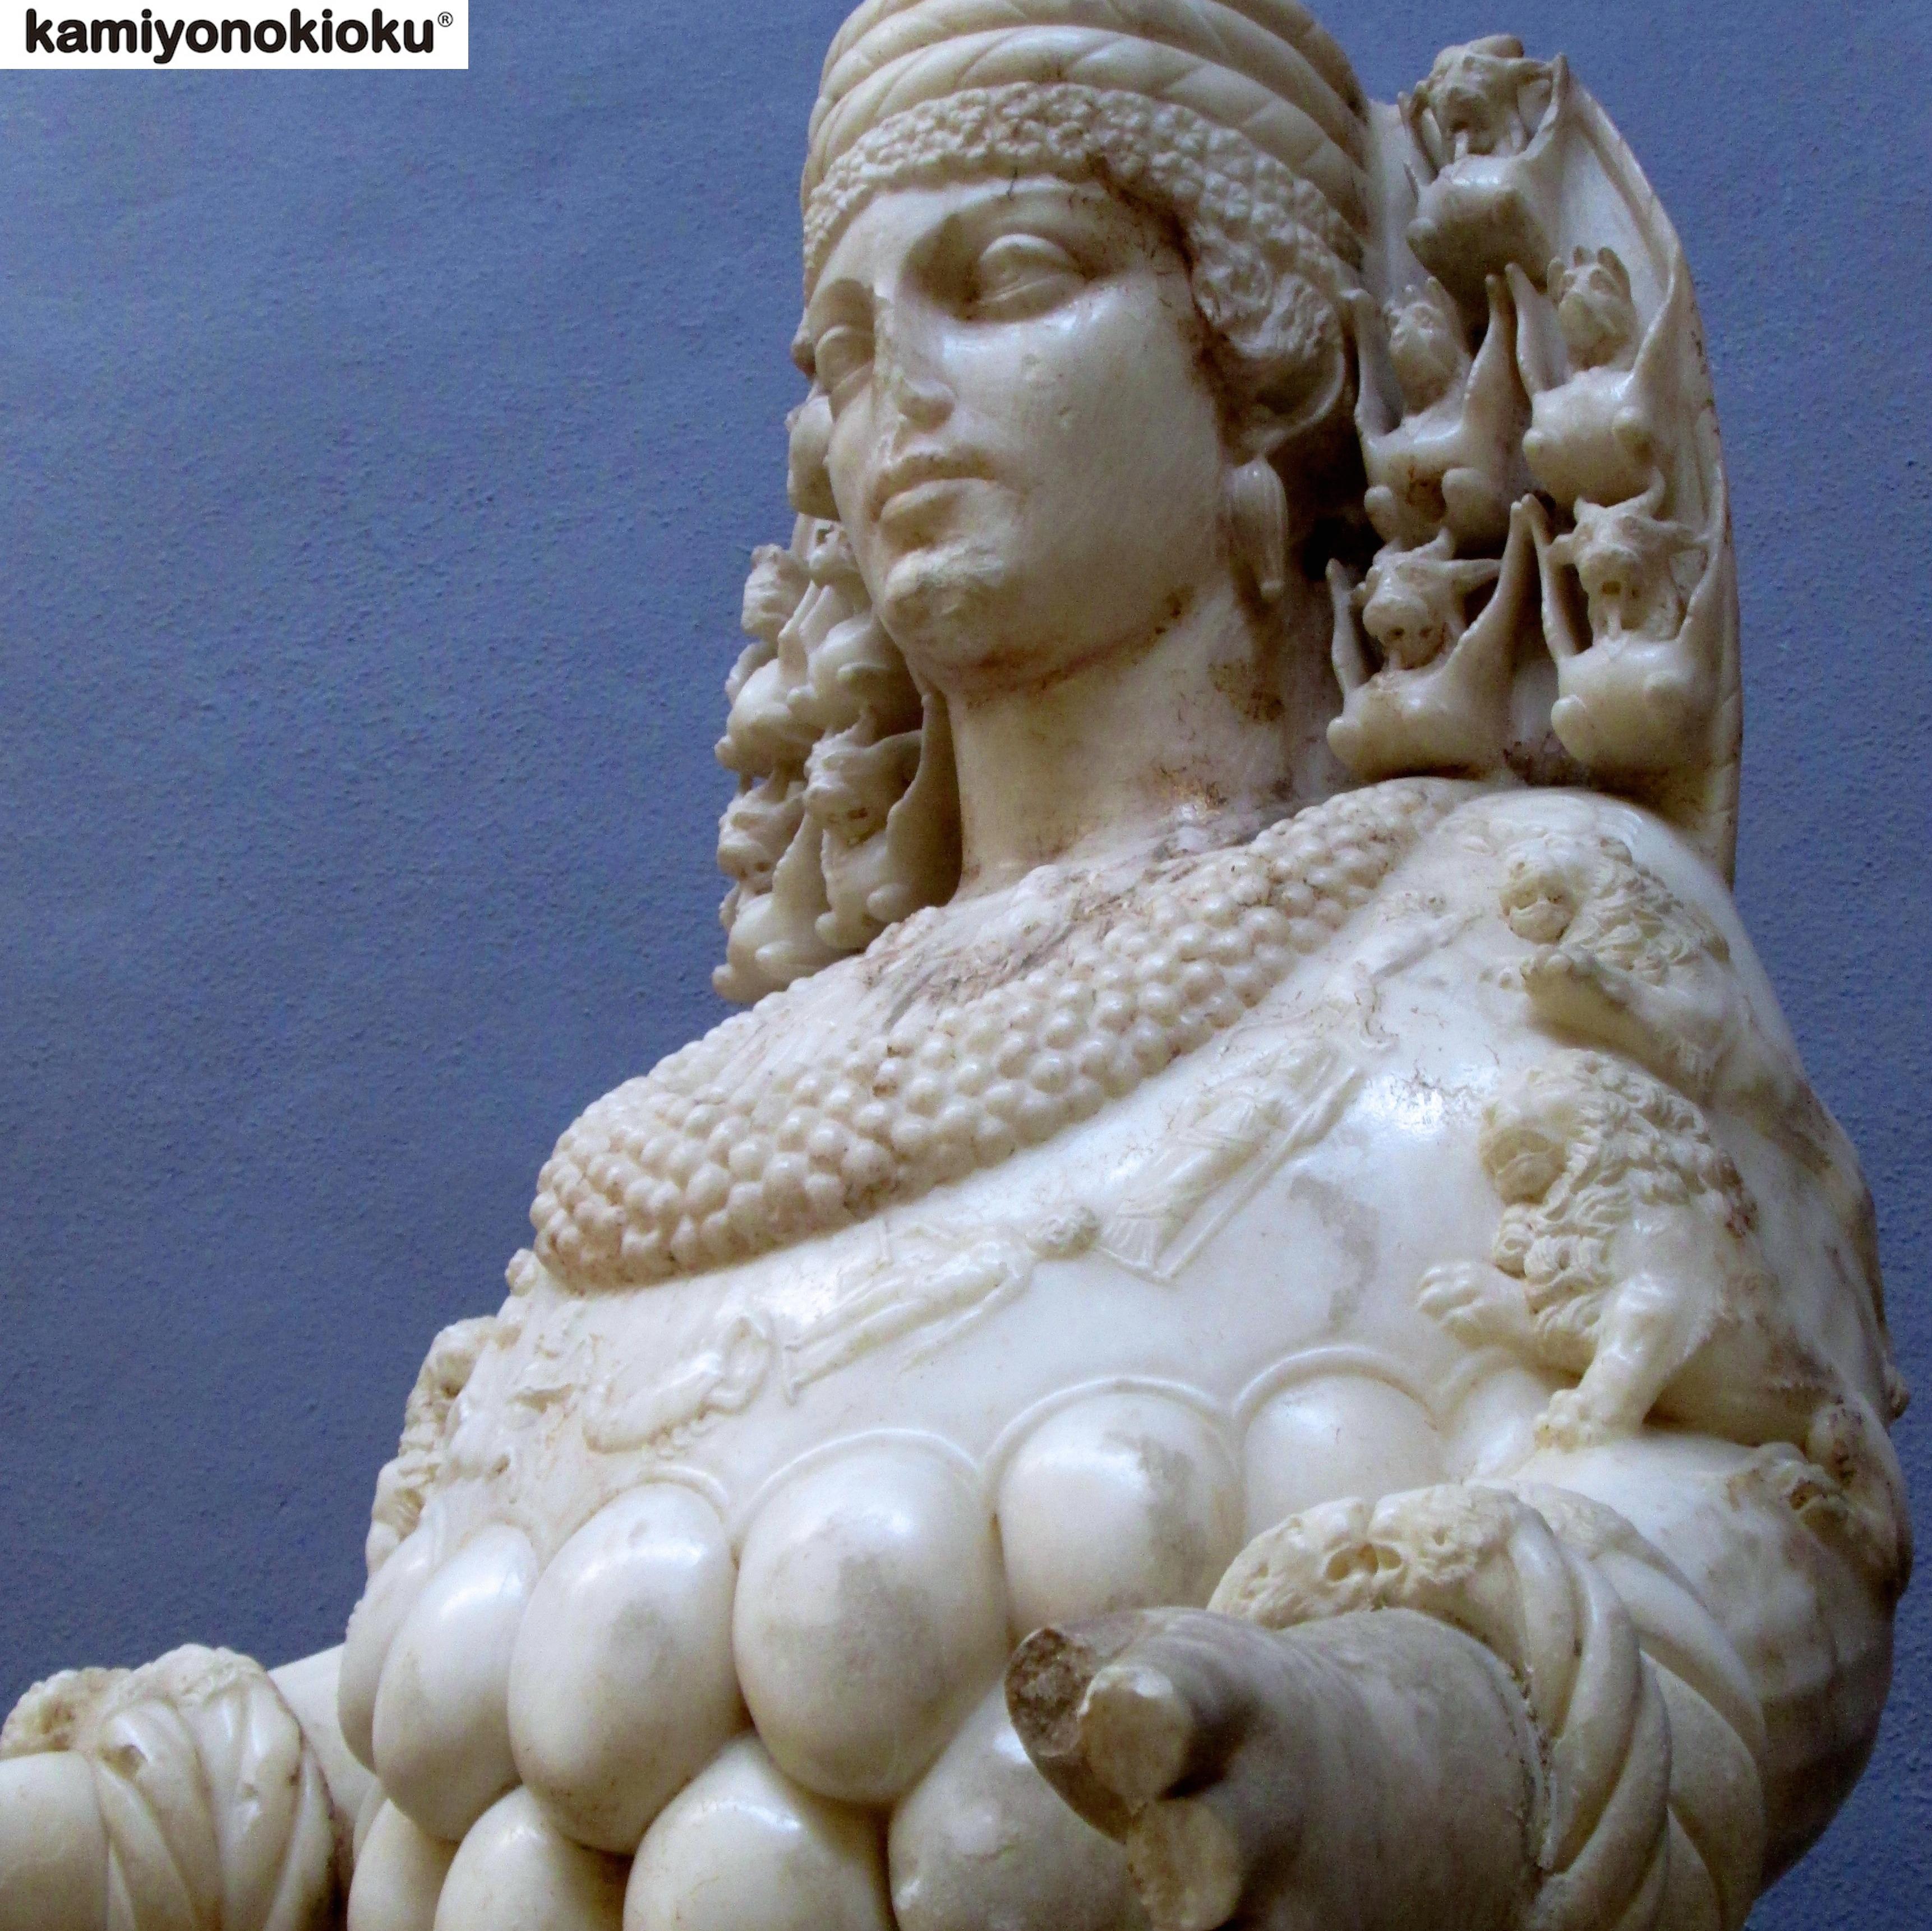 【ギリシャ神話】豊穣の地母神アルテミス像。エフェソス ...